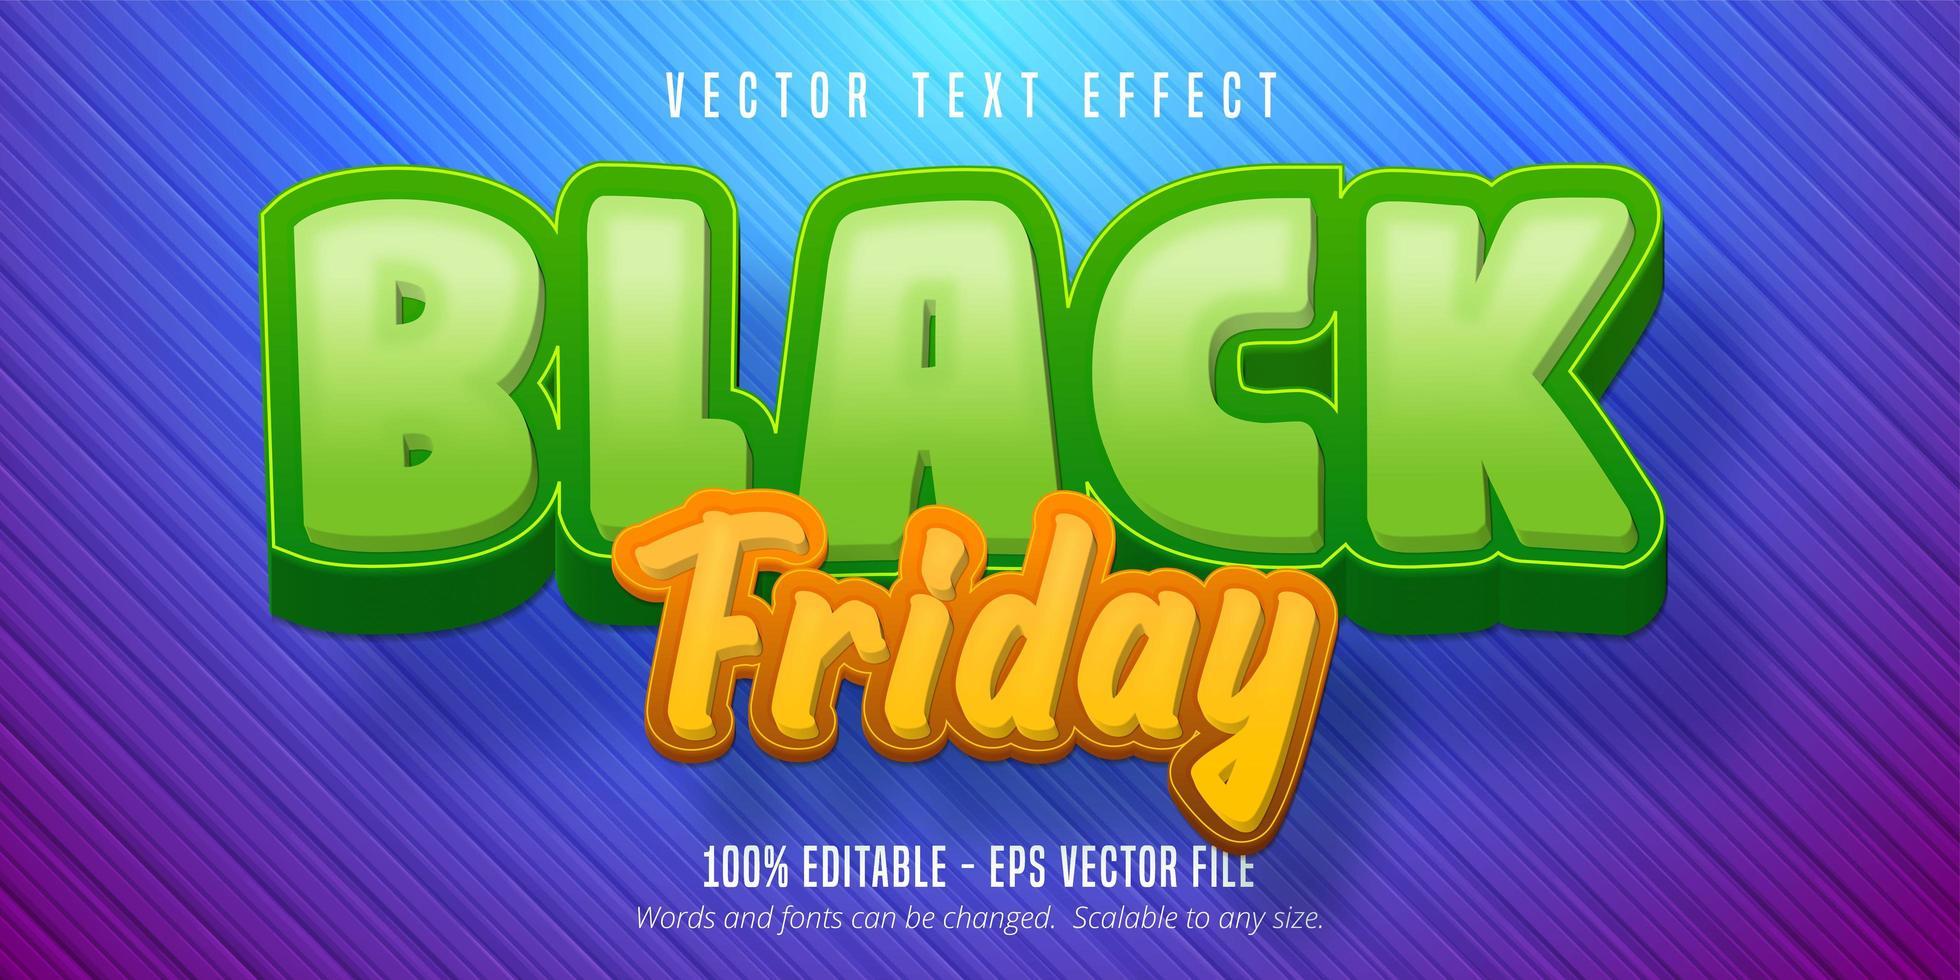 effetto di testo modificabile venerdì nero vettore